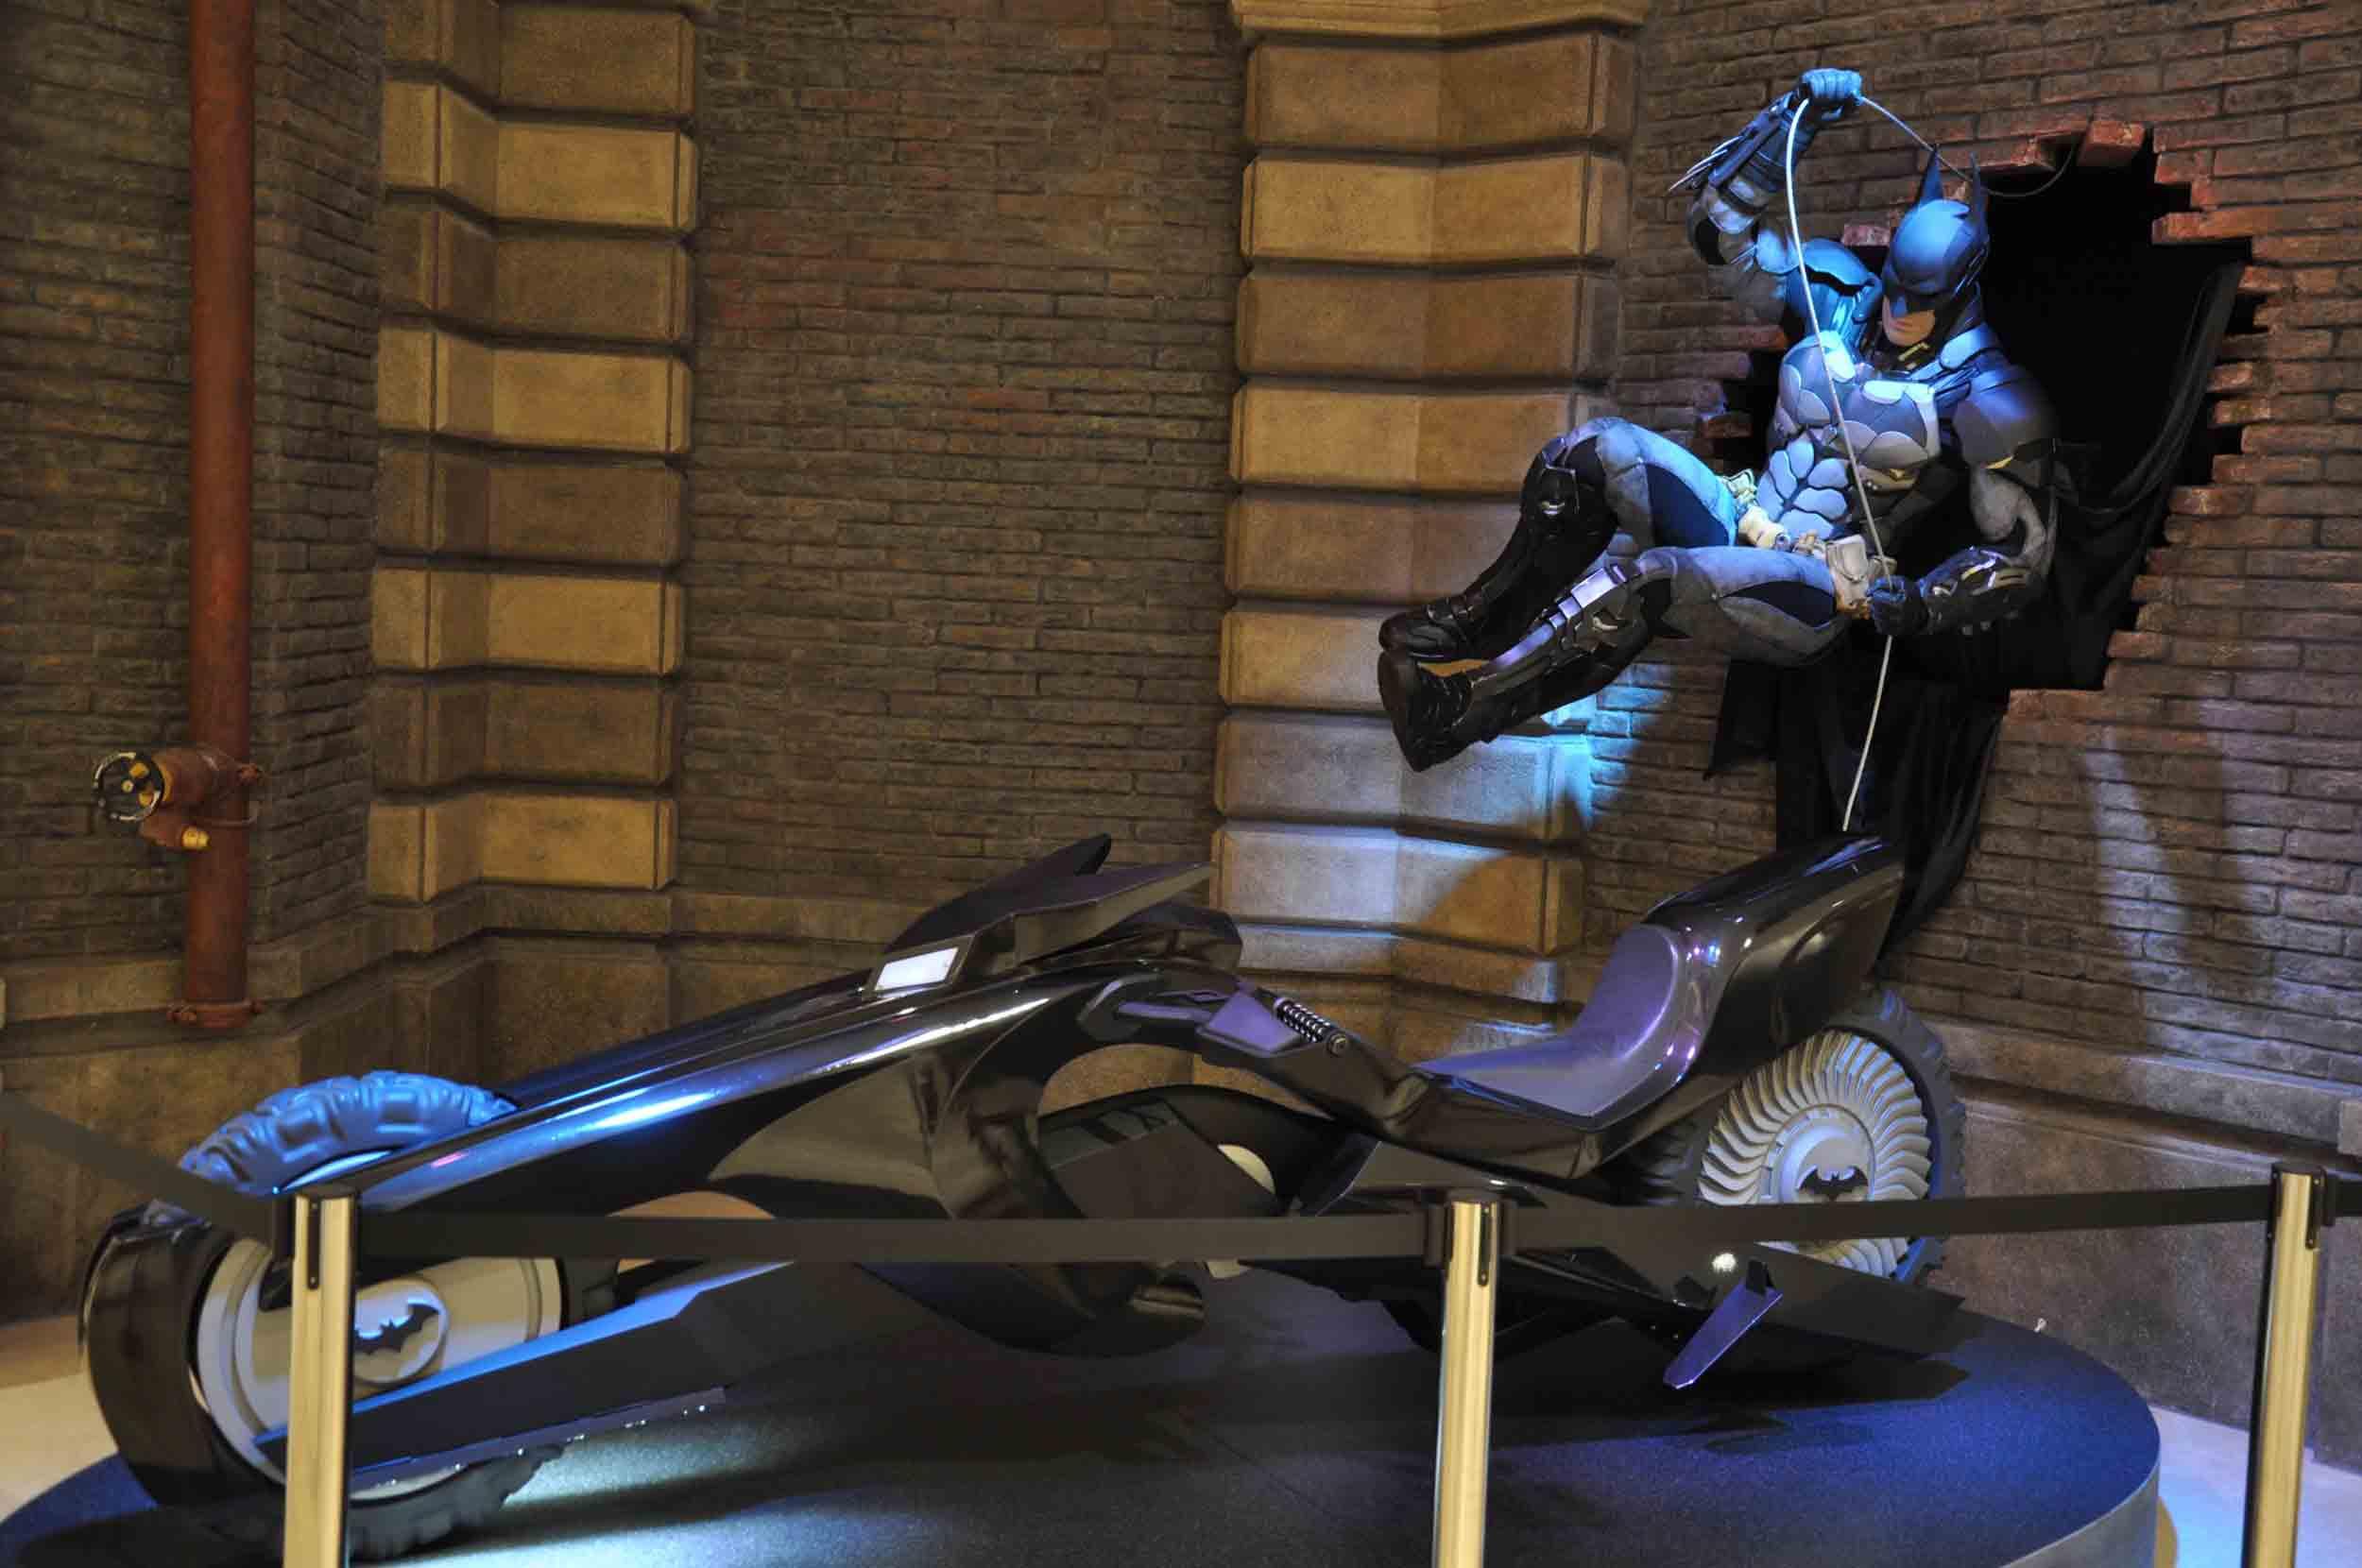 4D Dark Knight Batman Ride